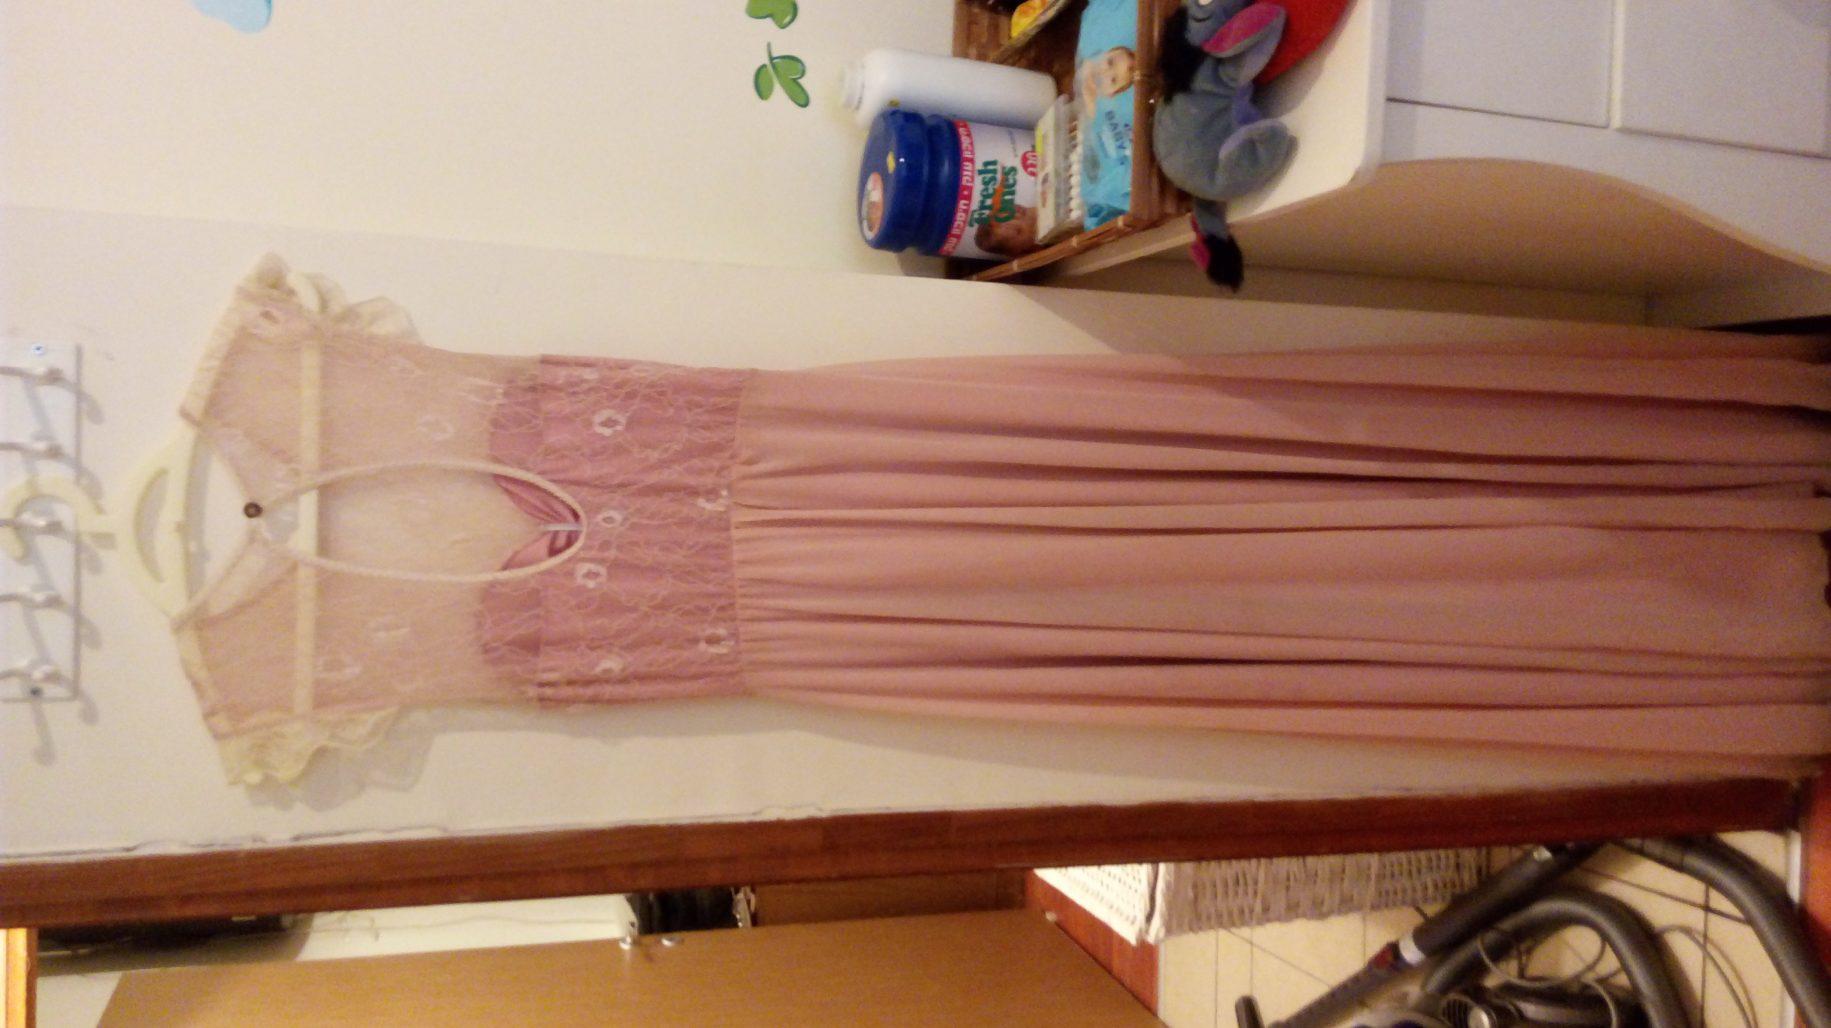 תמונות נוספות של שמלת נסיכות מהממת